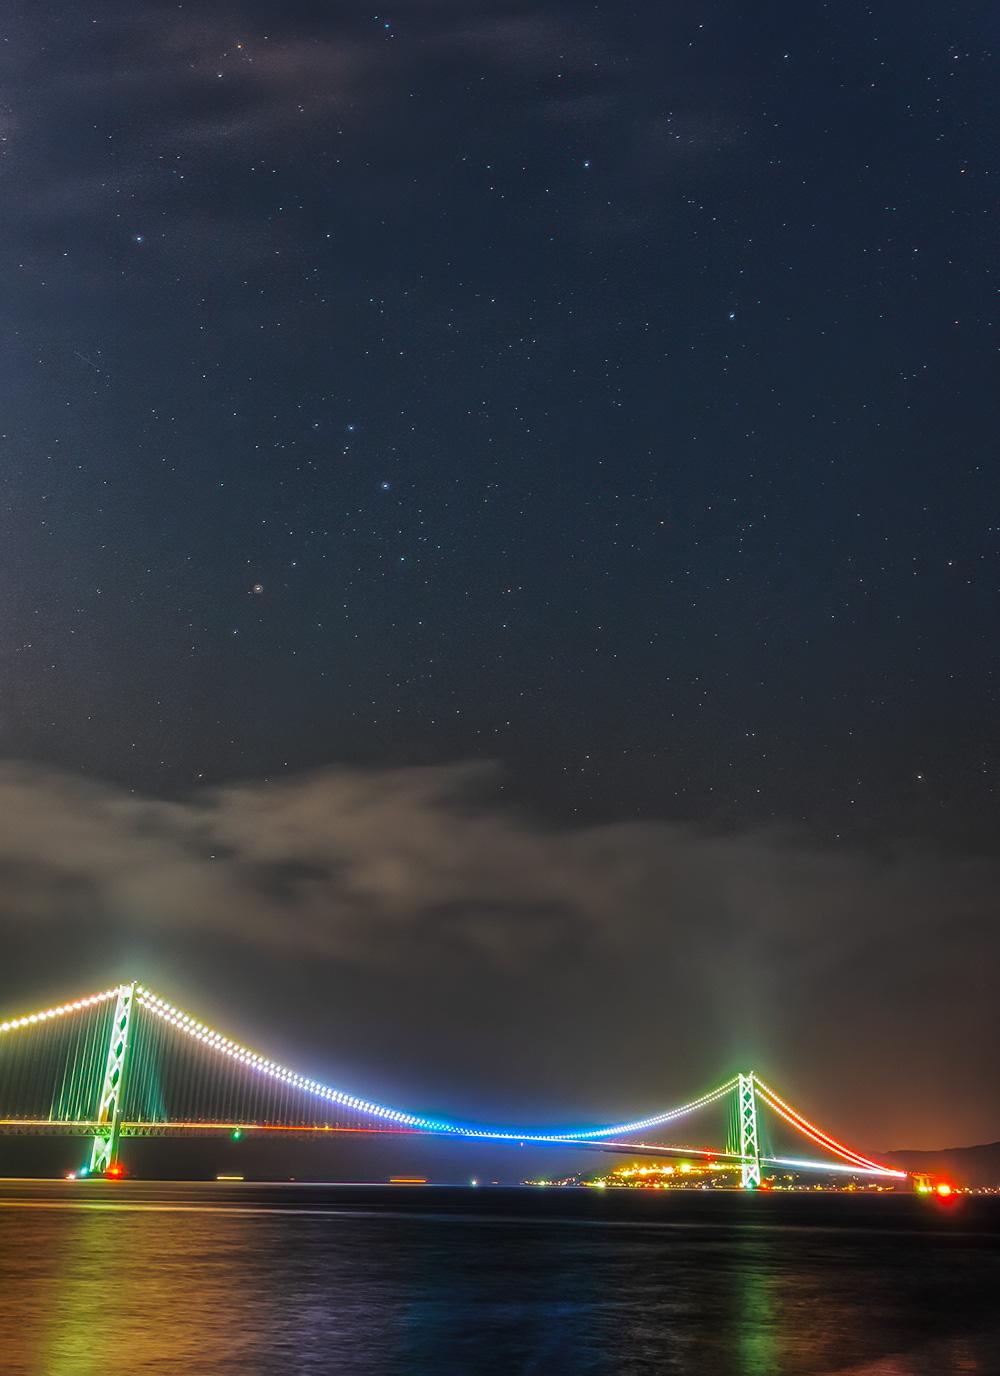 明石海峡大橋とさそり座頭部